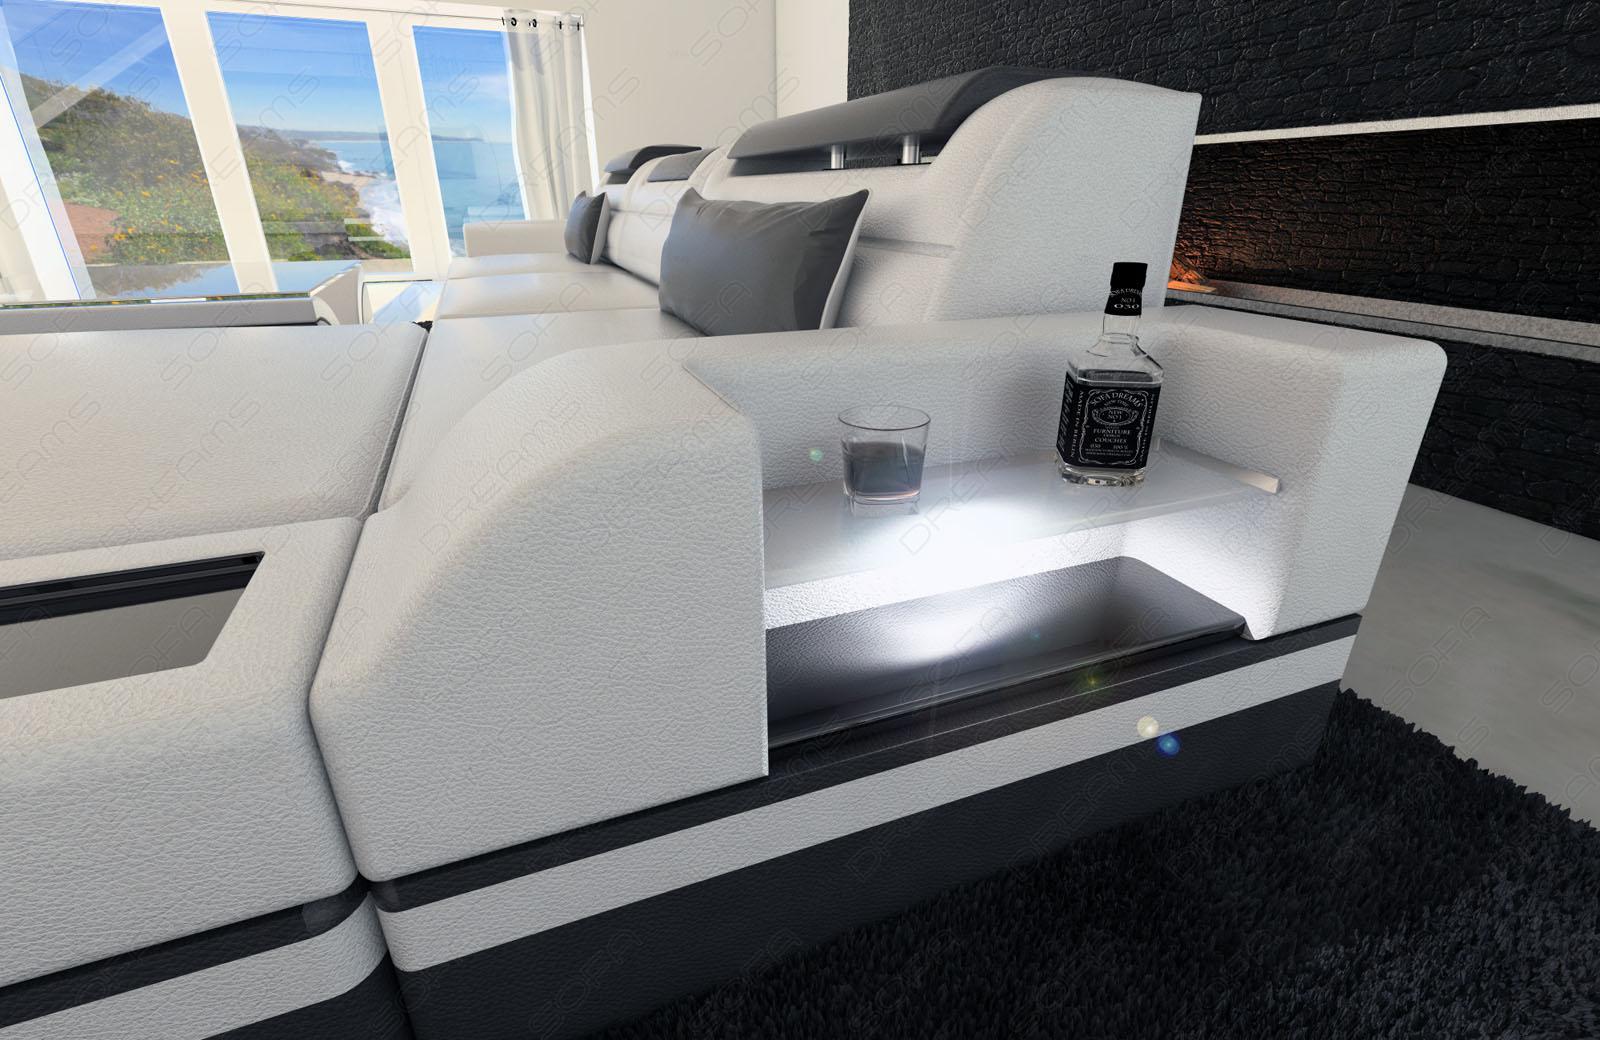 designer ledersofa parma led l form kaufen bei pmr handelsgesellschaft mbh. Black Bedroom Furniture Sets. Home Design Ideas